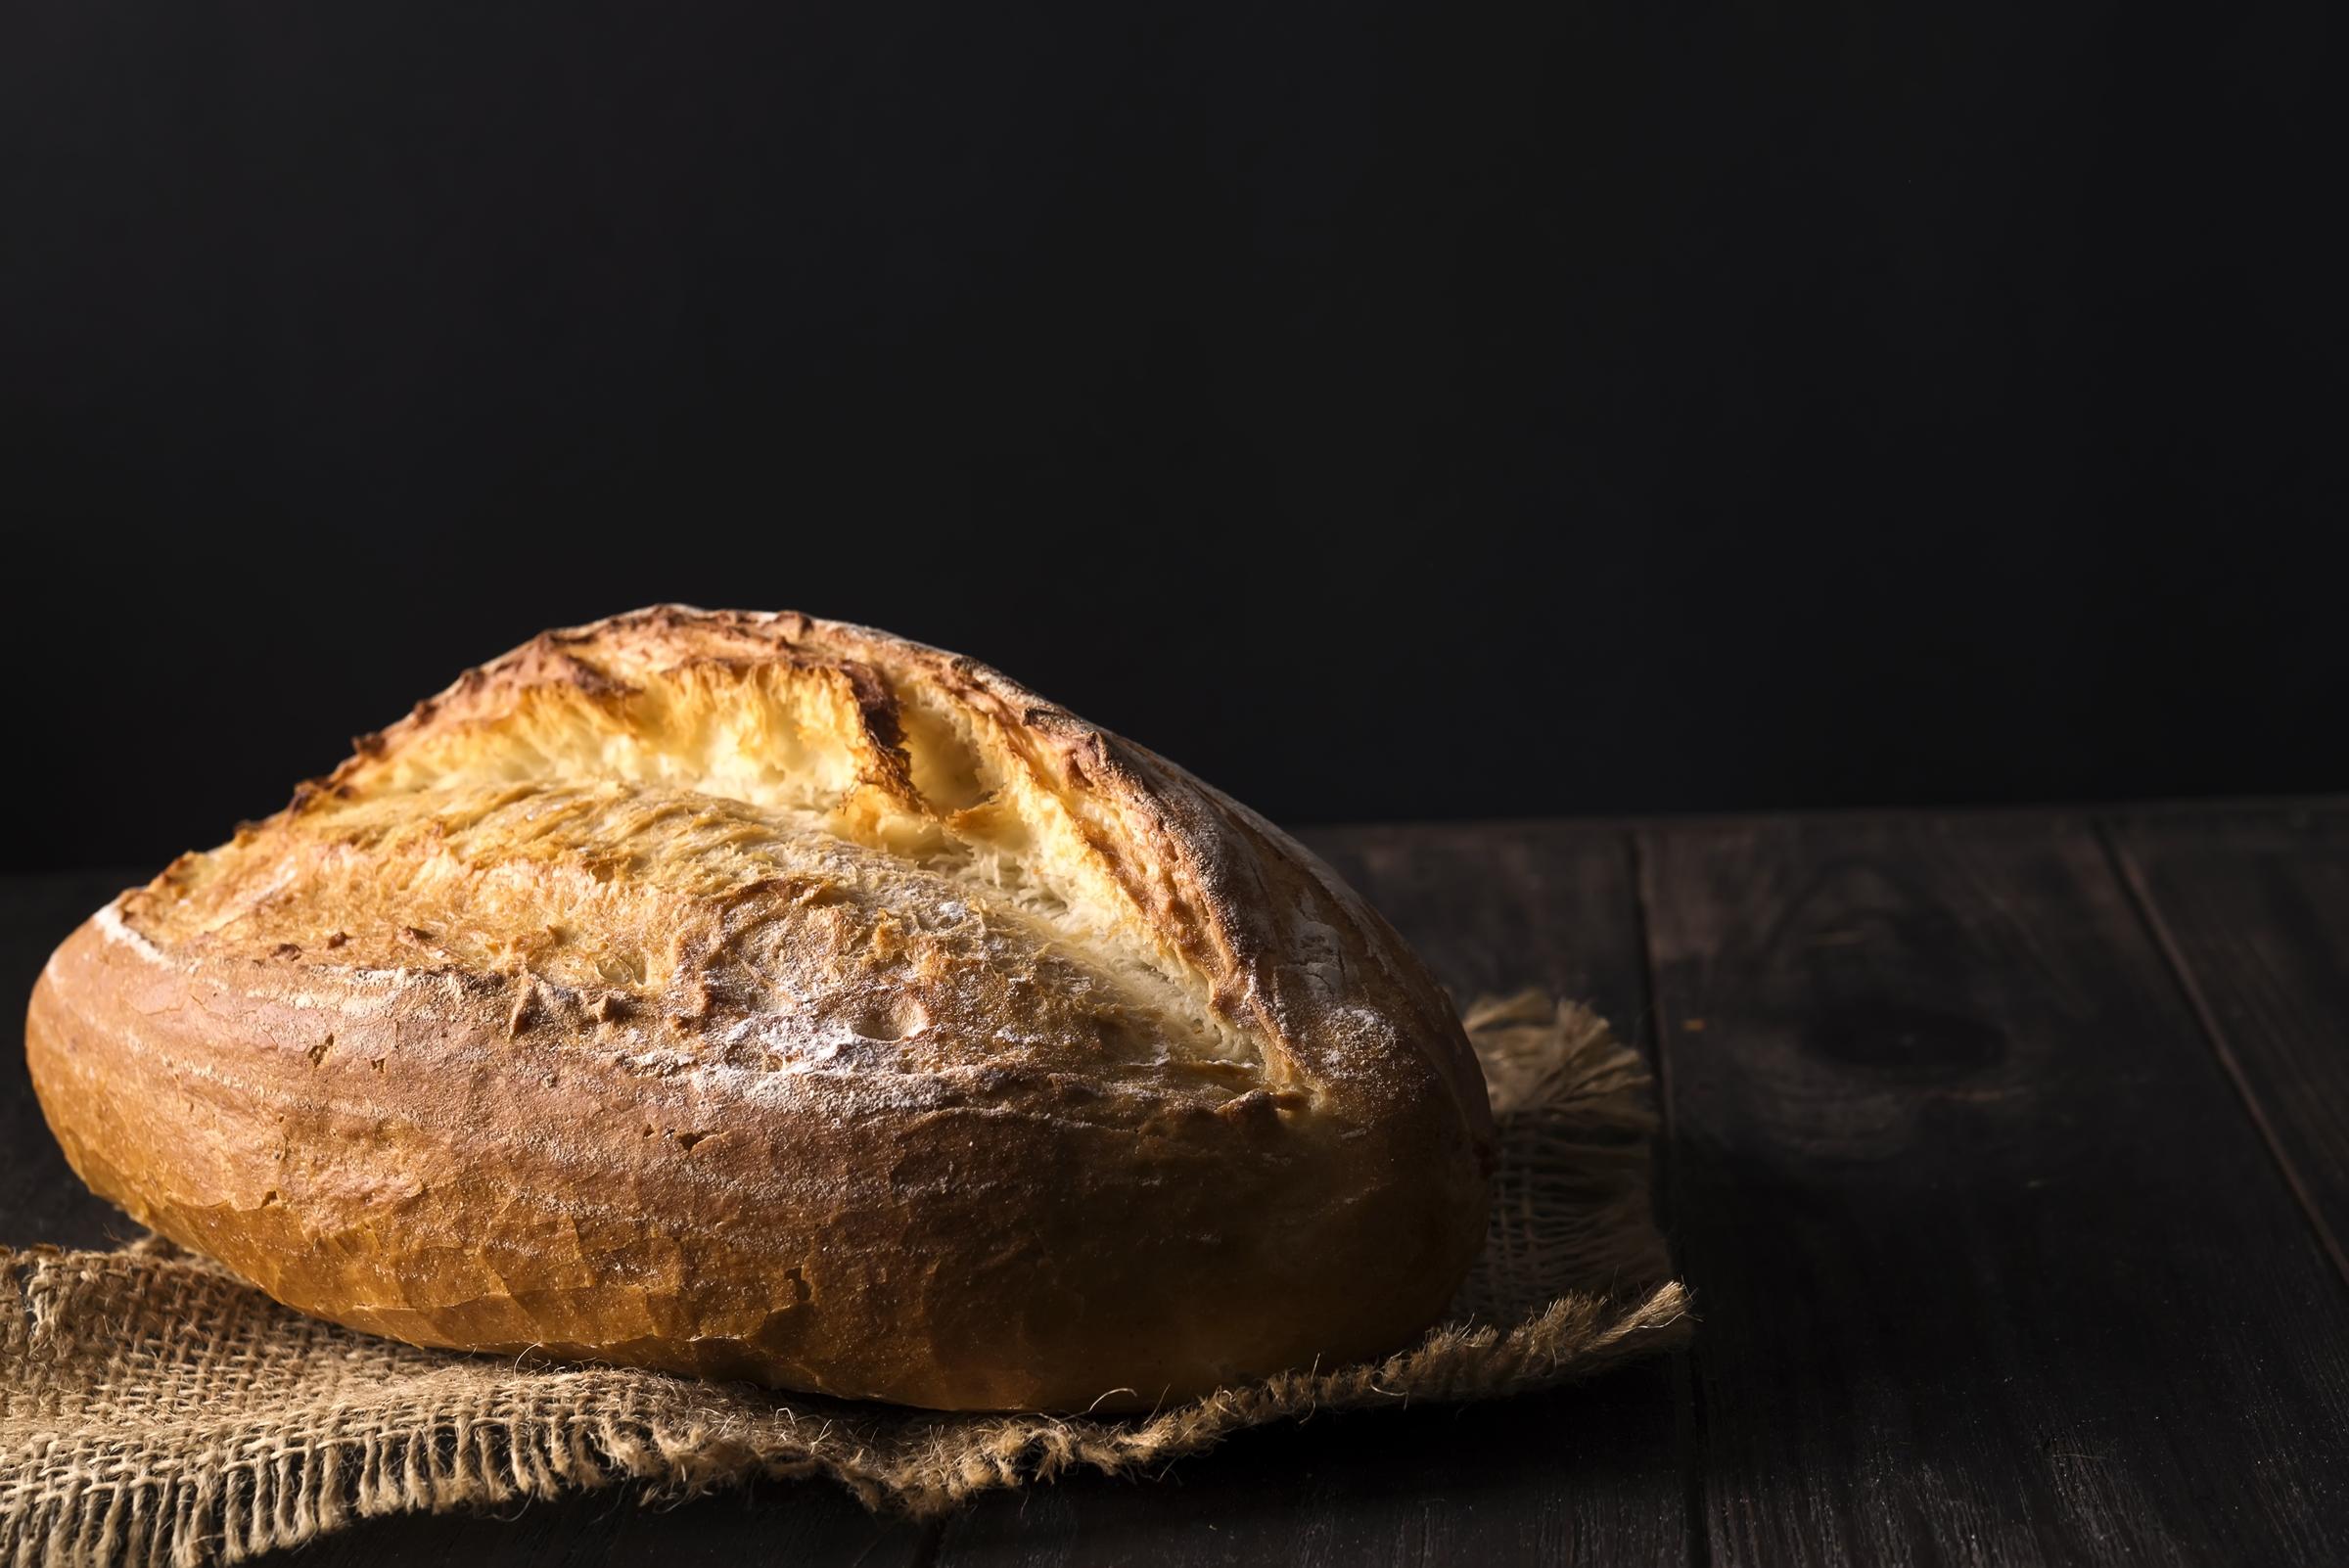 La tahona de carmen pan artesanal